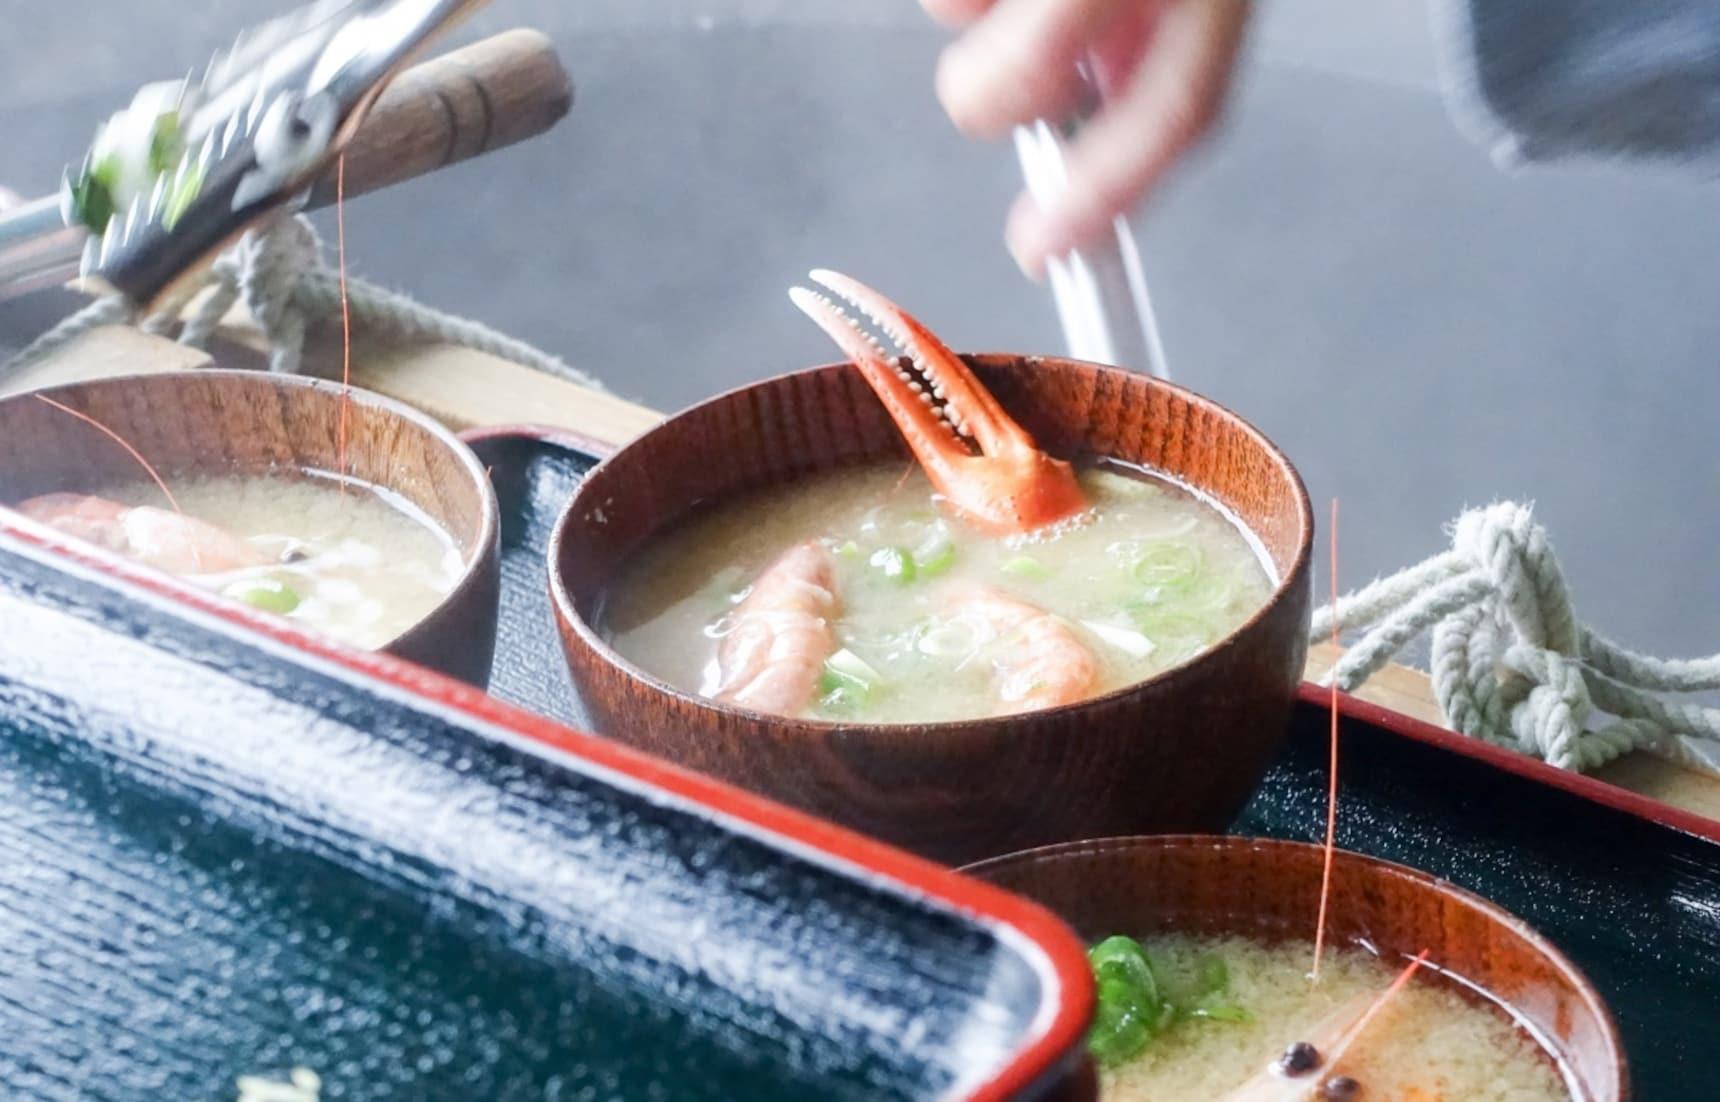 【石川】體驗座敷文化大啖鰻魚料理!山中溫泉半日散步行程